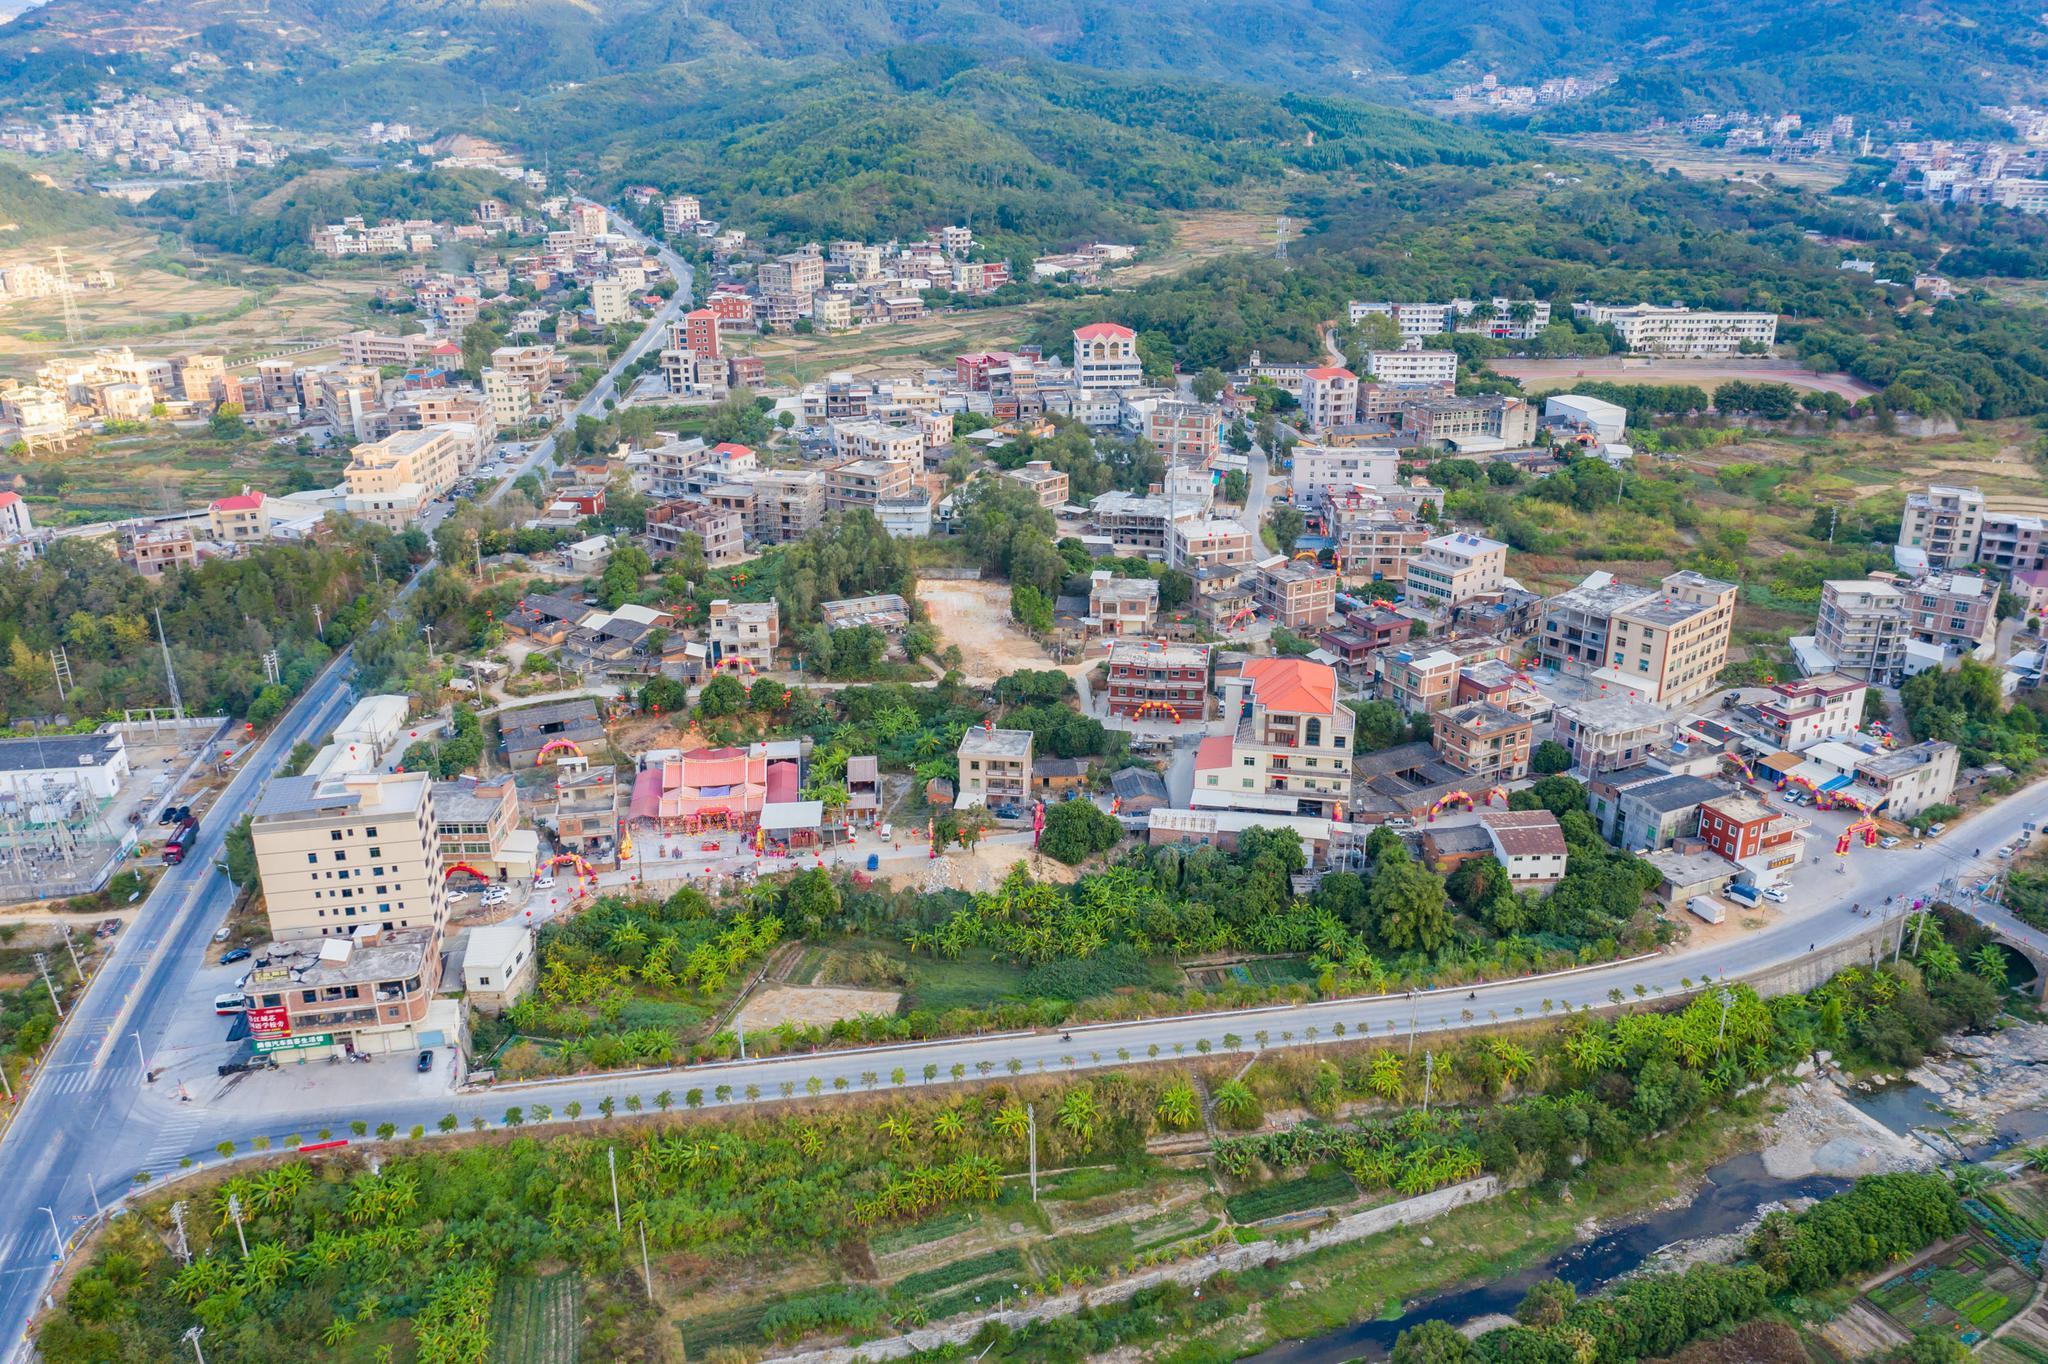 福建一农村自筹200多万元,把200多年祖宅翻建,落成典礼像过年